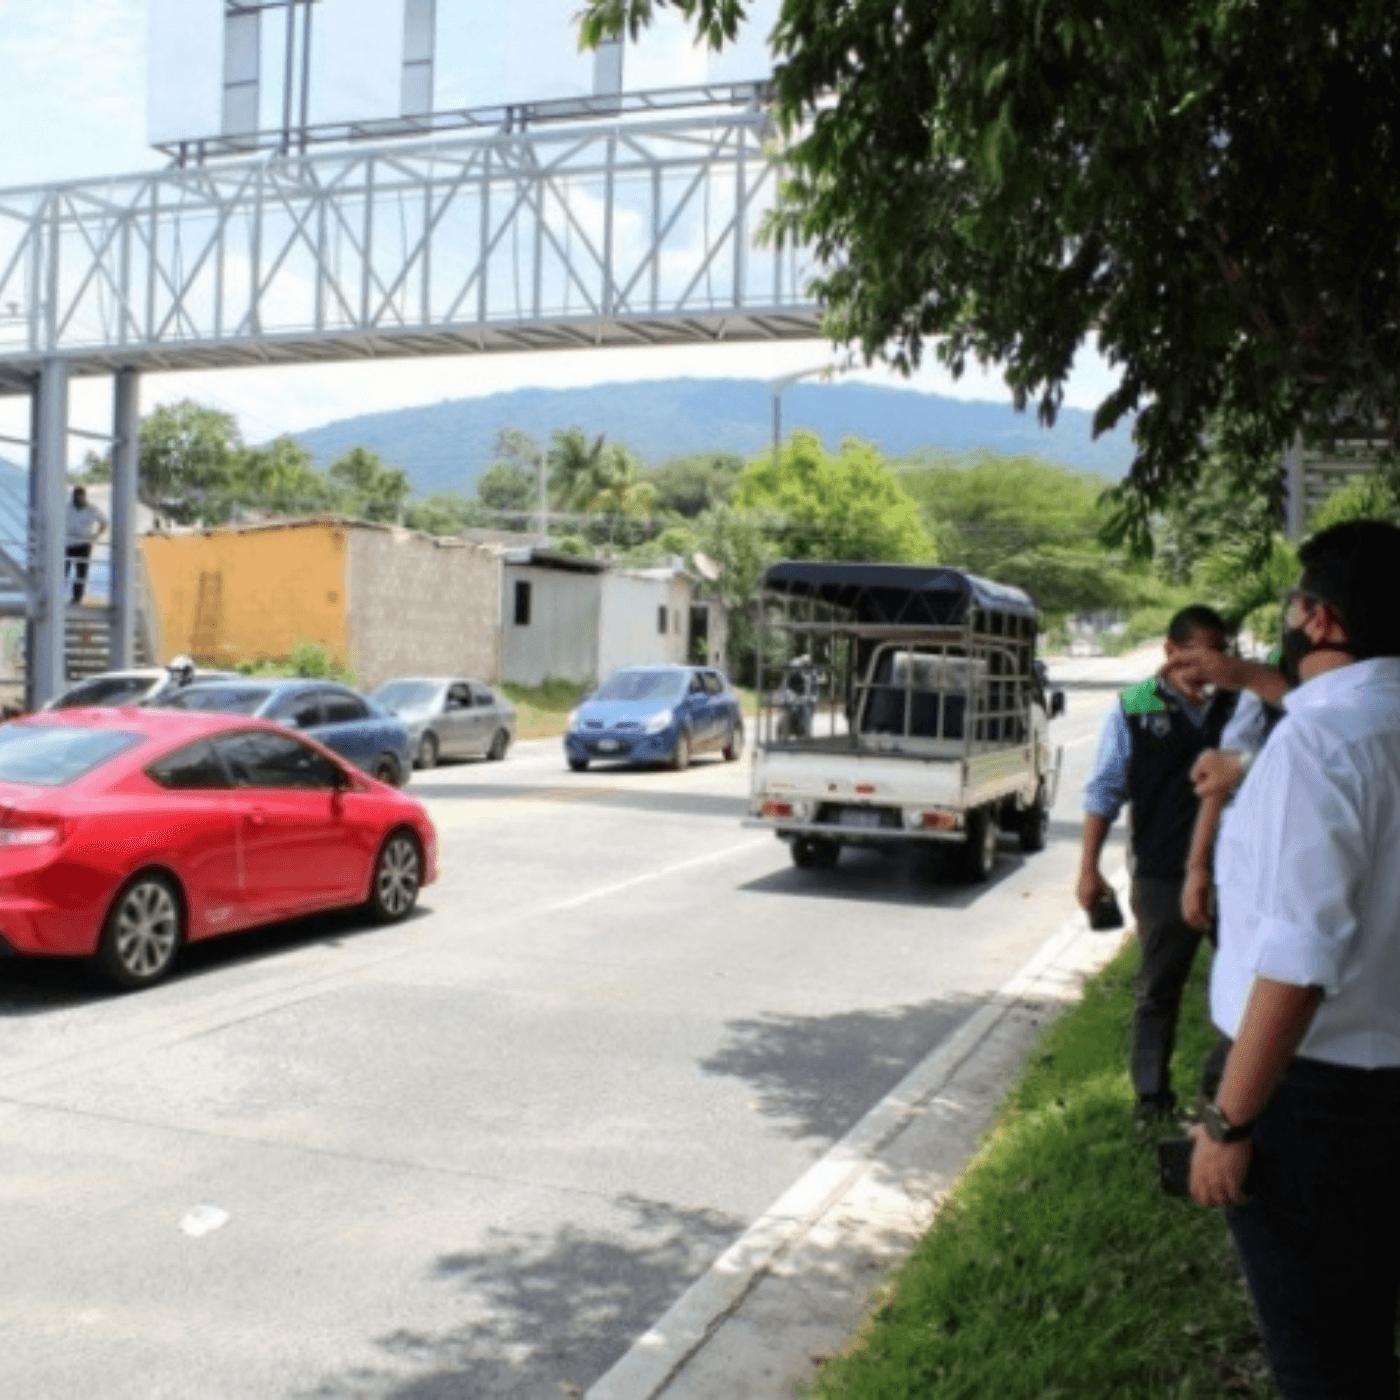 Las Acciones Para Mejorar El Tránsito En Santa Tecla. Pasarela. Fotografía. Roberto d'Aubuisson. 2021